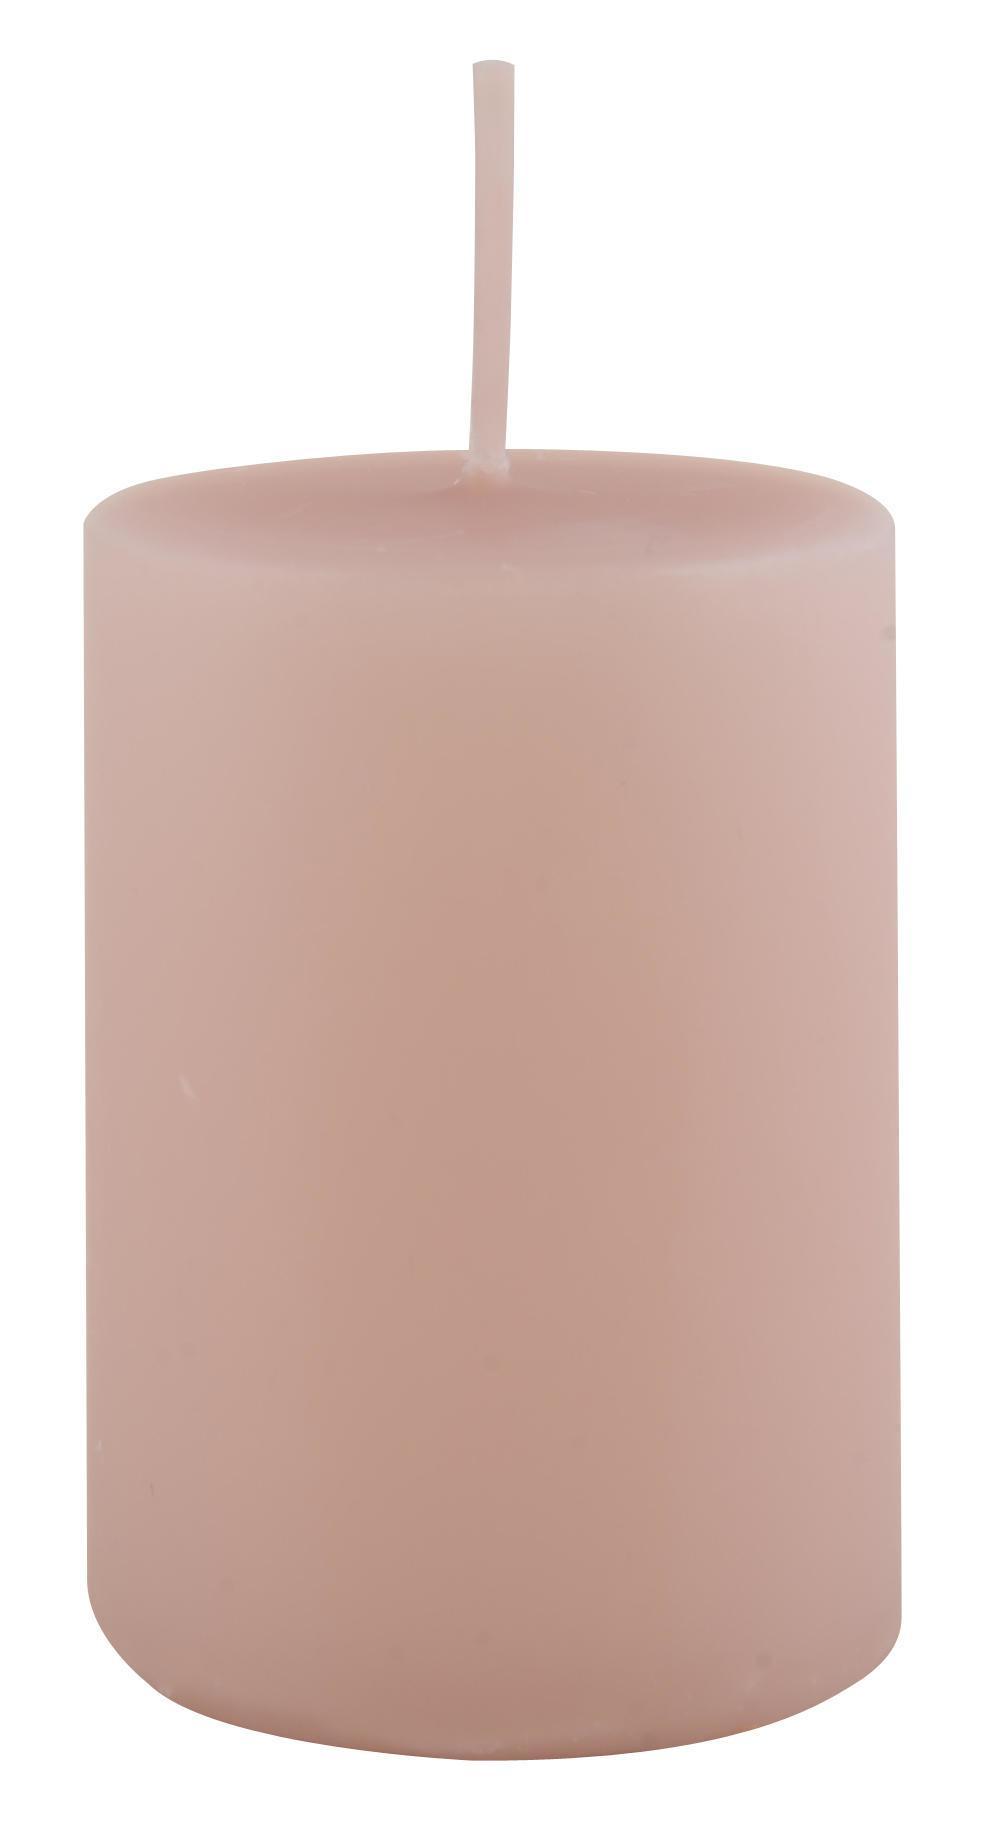 IB LAURSEN Svíčka Rose 6 cm, růžová barva, vosk